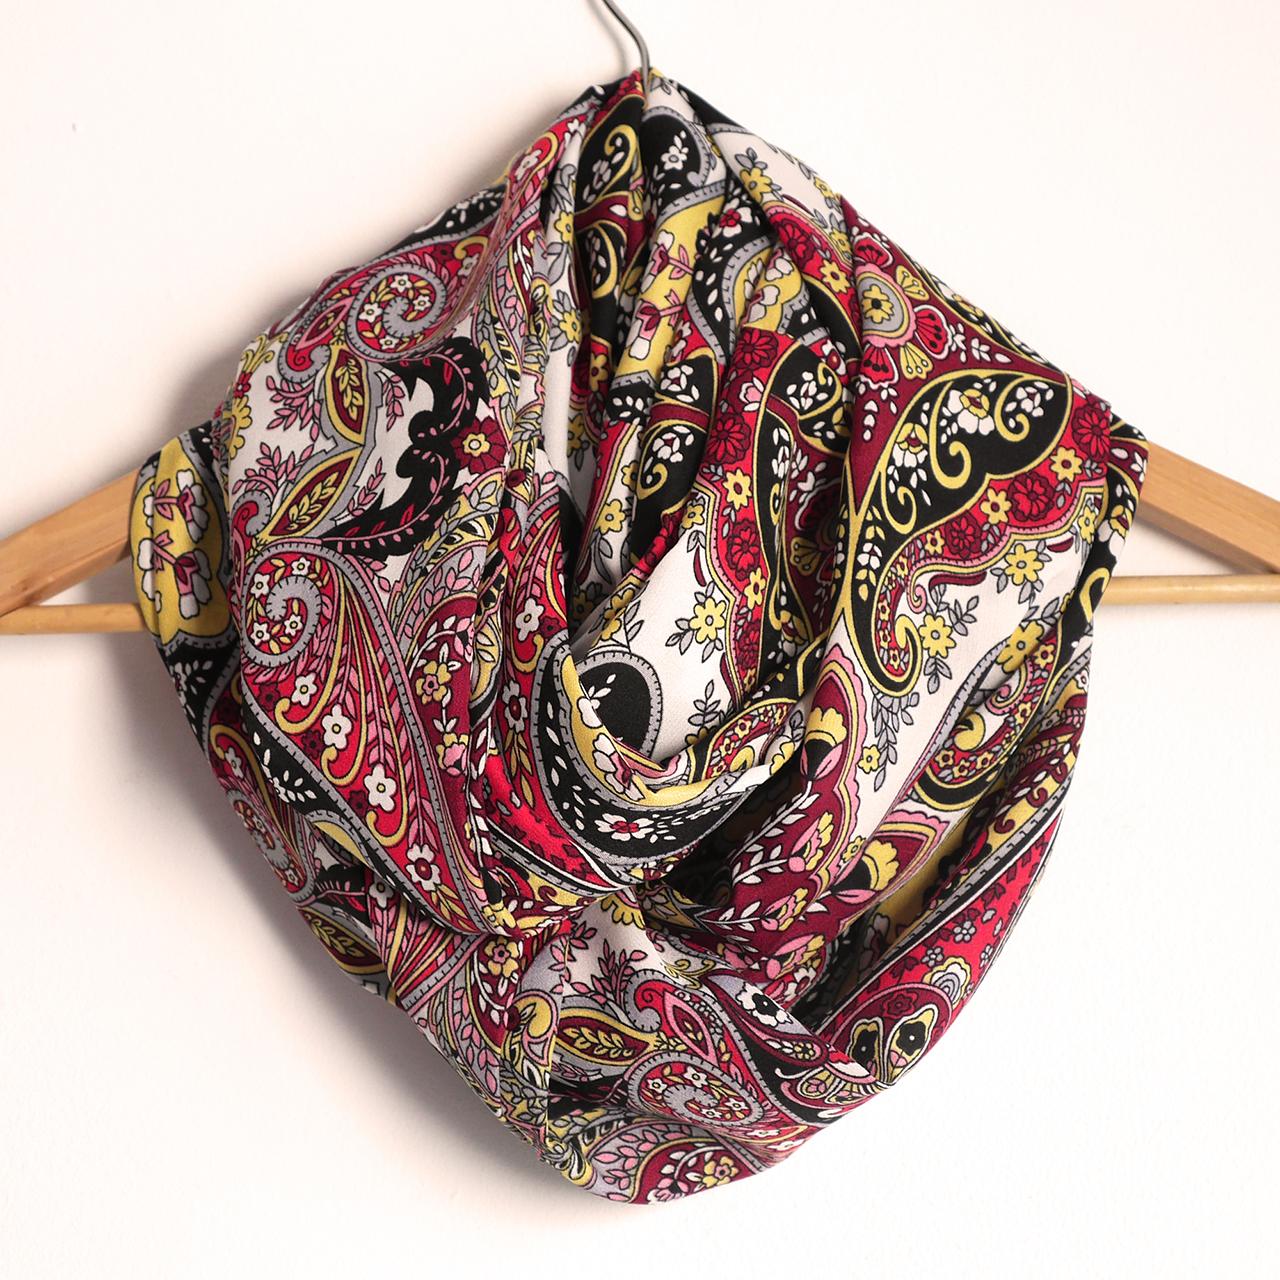 Snood foulard femme écharpe mi-saison motifs variés fleurs arabesques  multicolore rouge noir jaune mode cbbd4c0796f